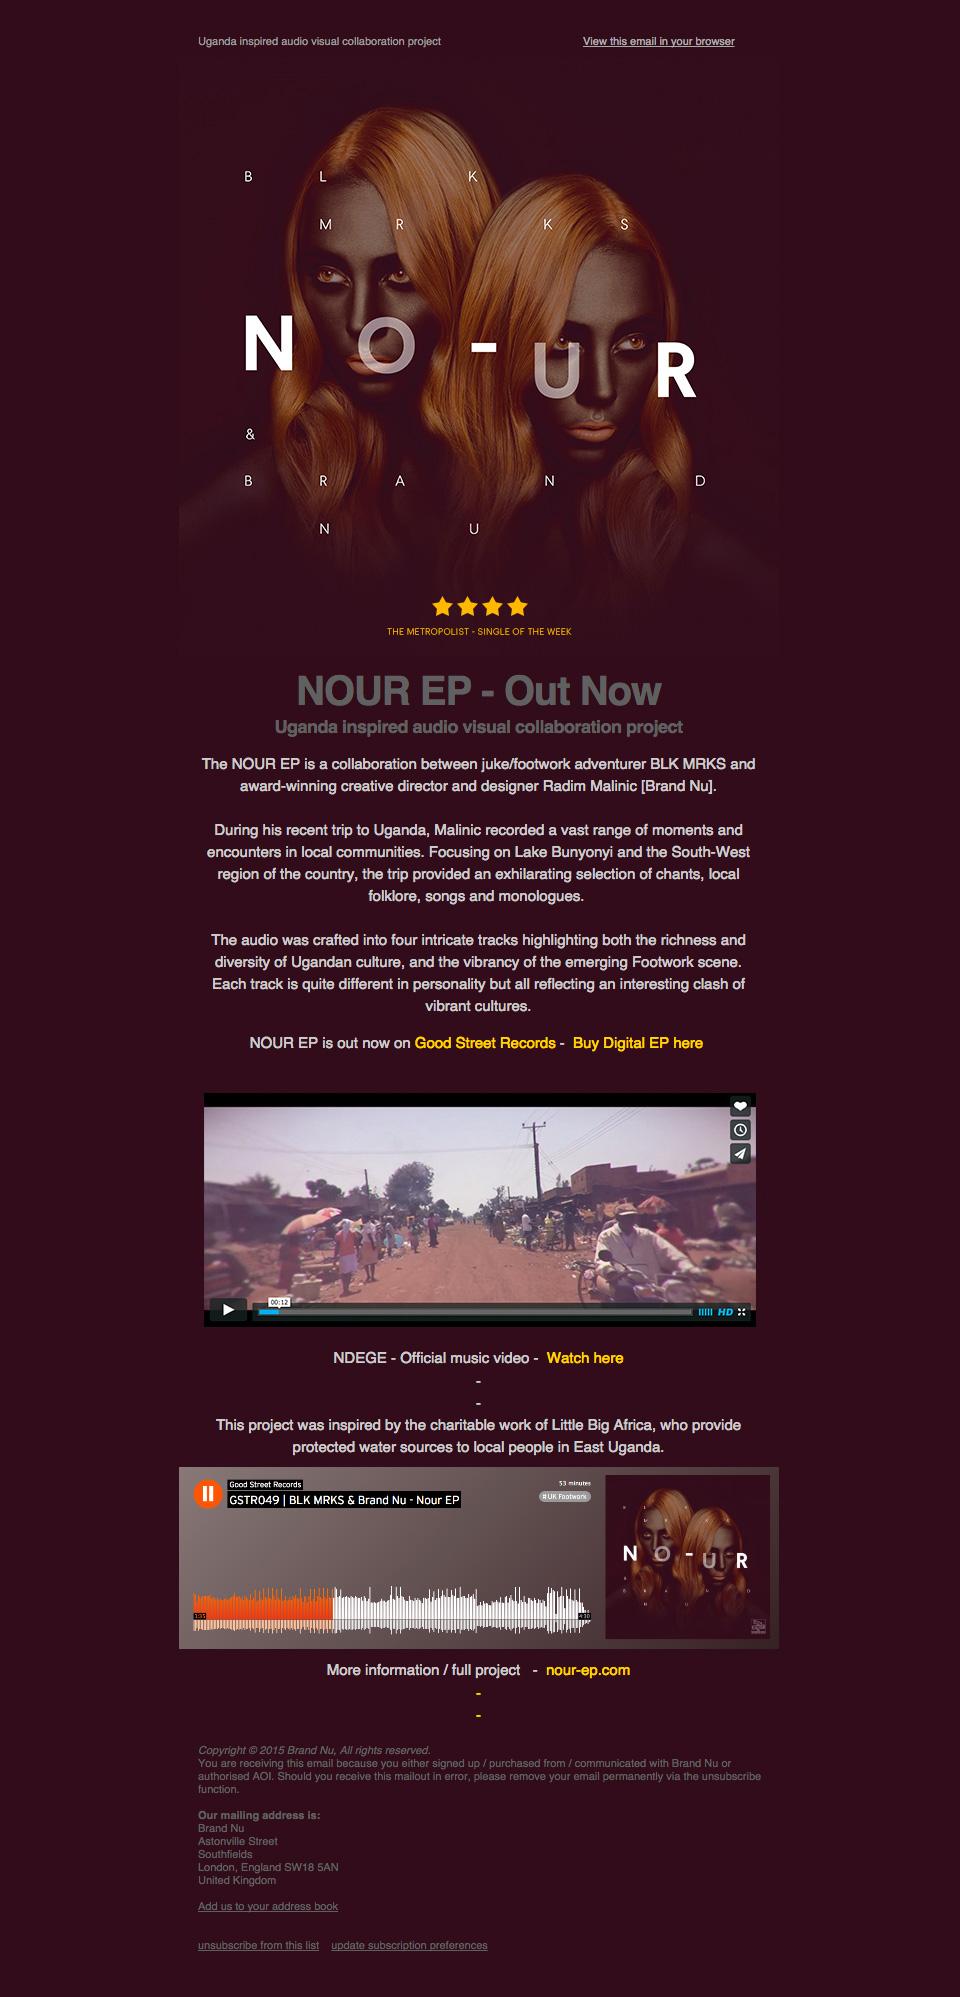 nour-ep-newsletter